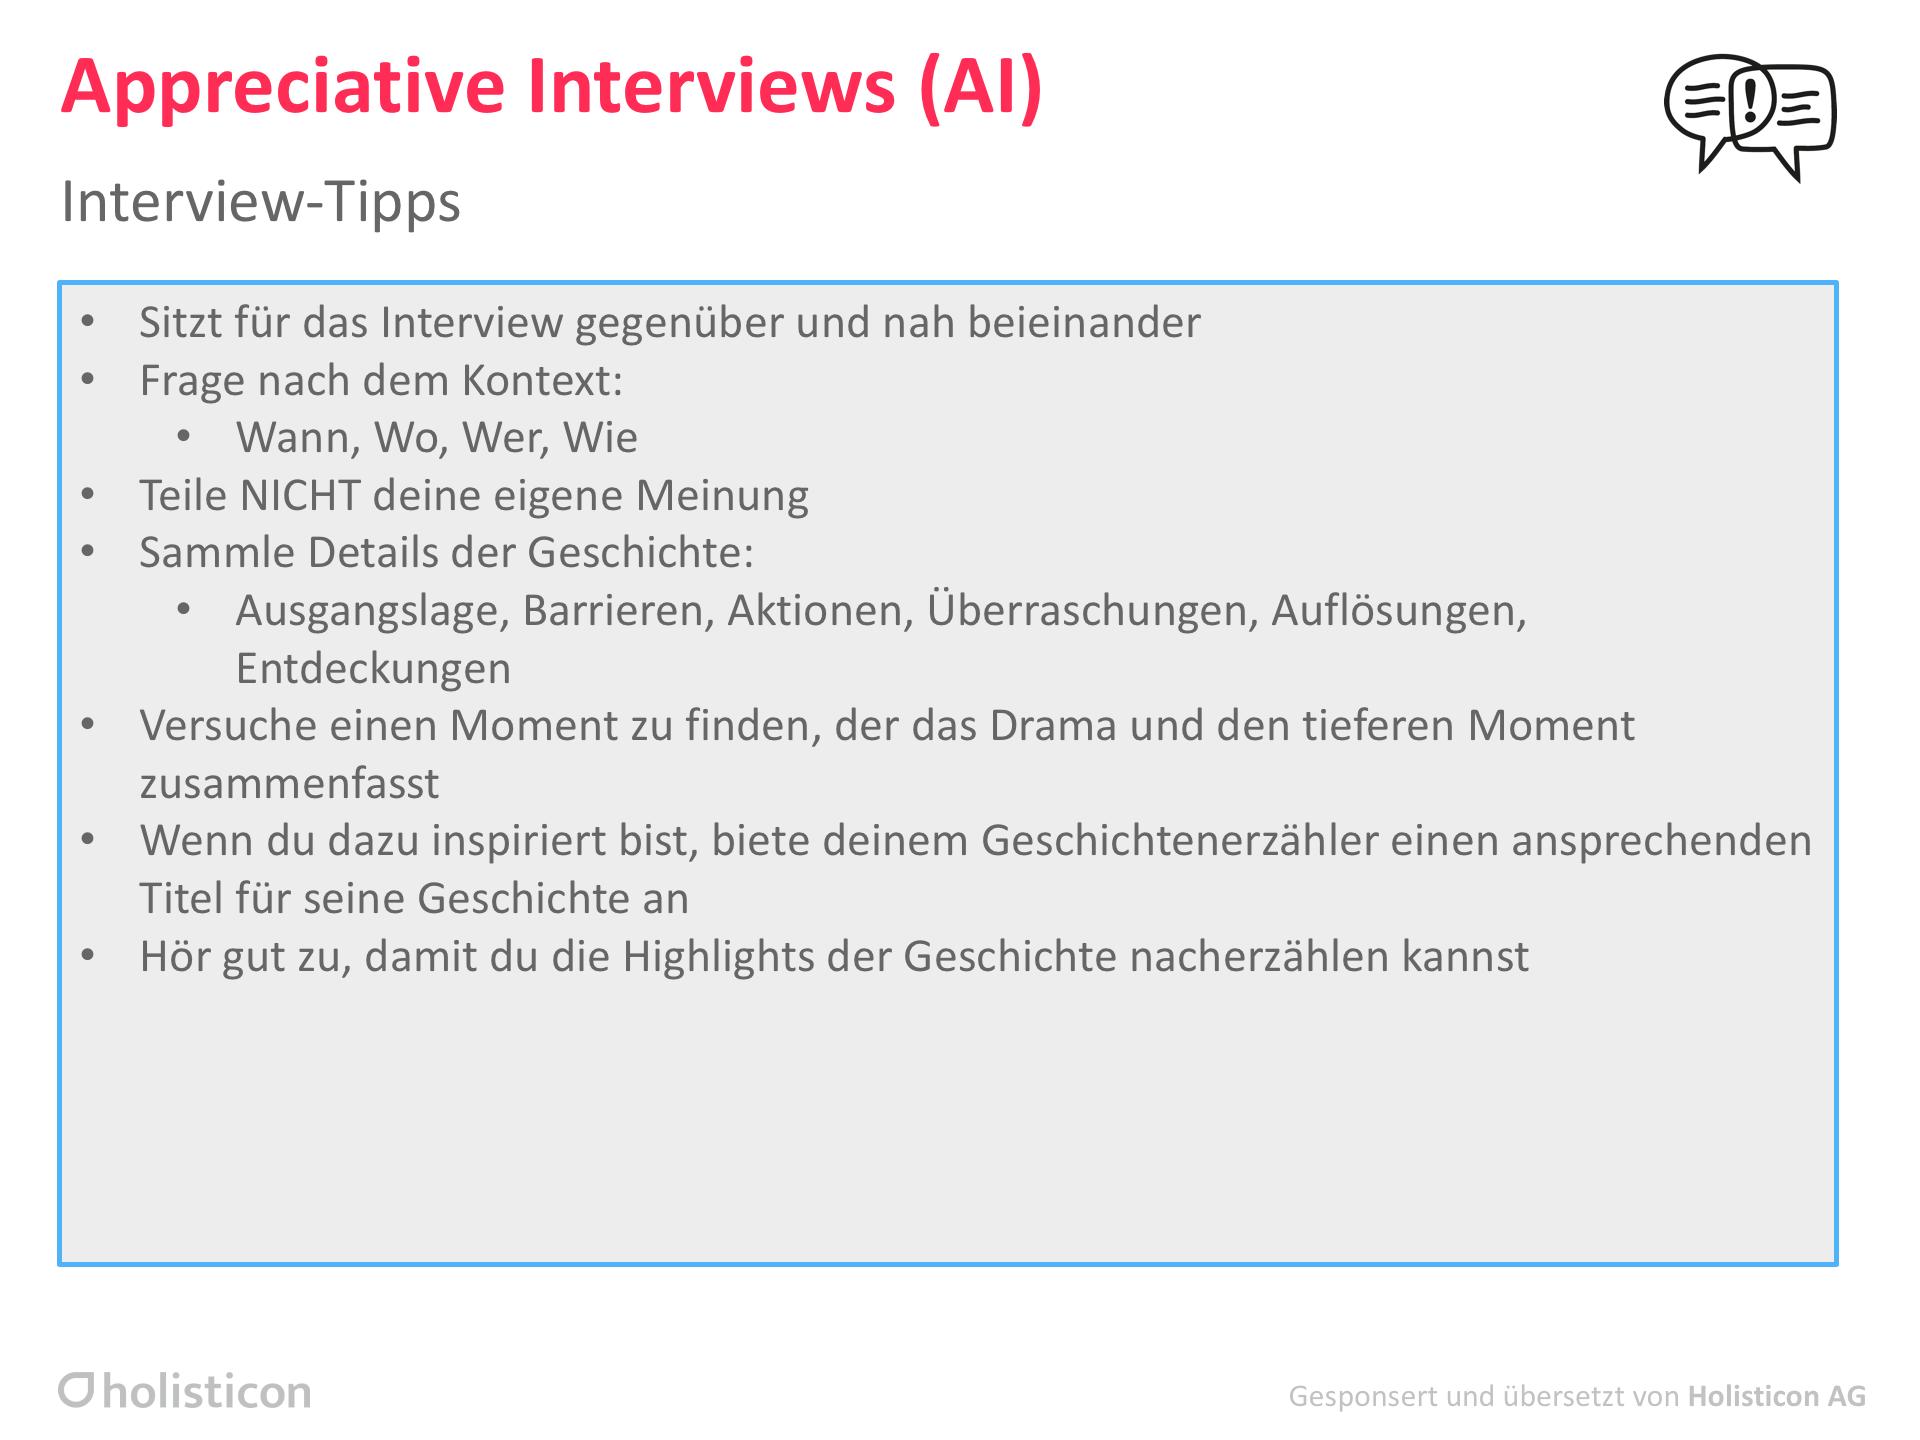 Appreciative Interviews Ai Liberating Structures